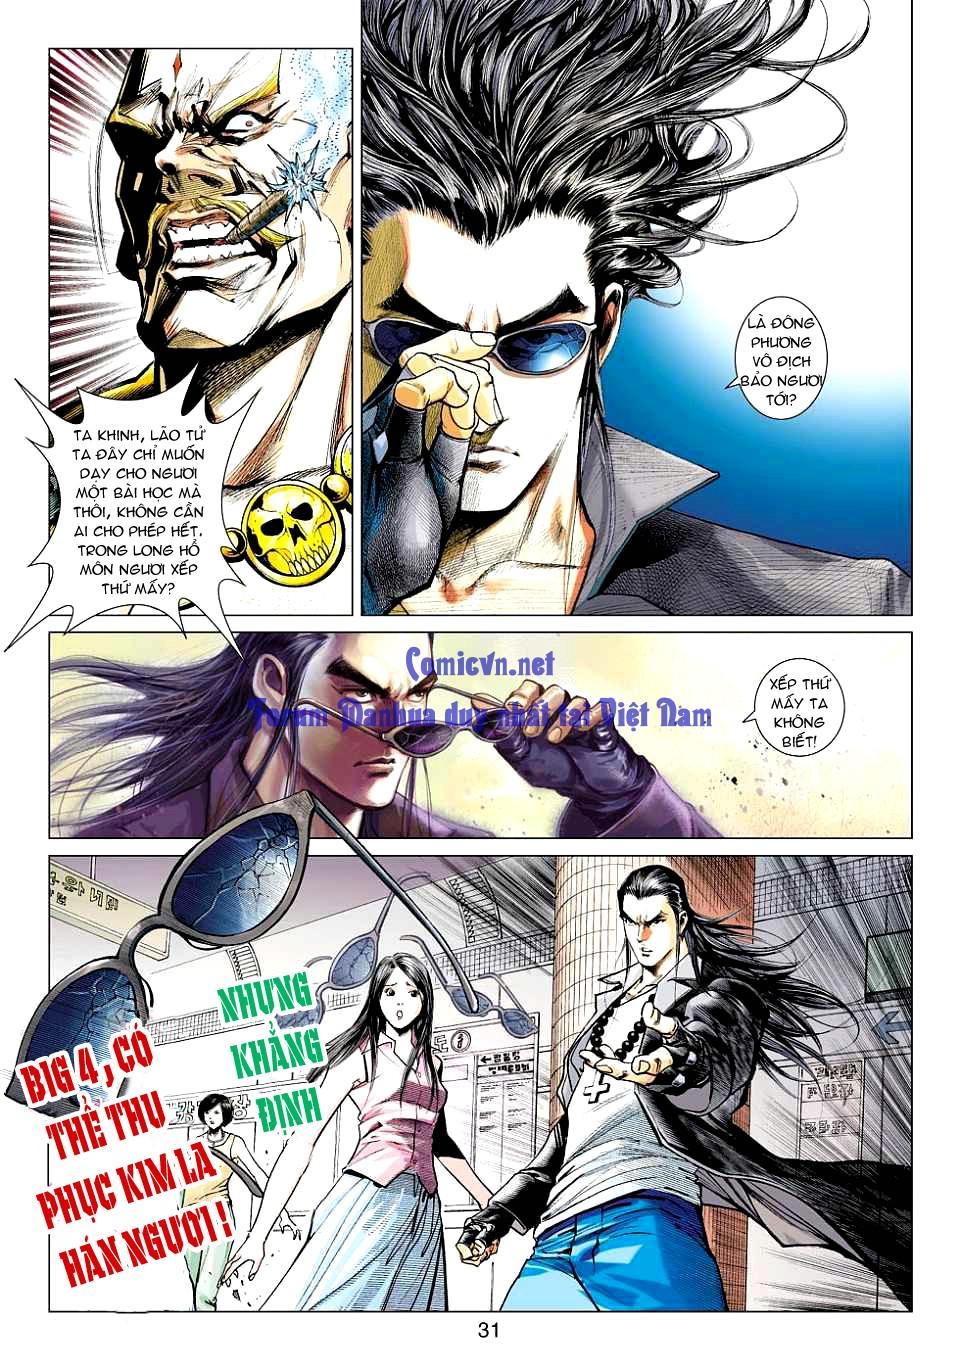 Vương Phong Lôi 1 chap 12 - Trang 29